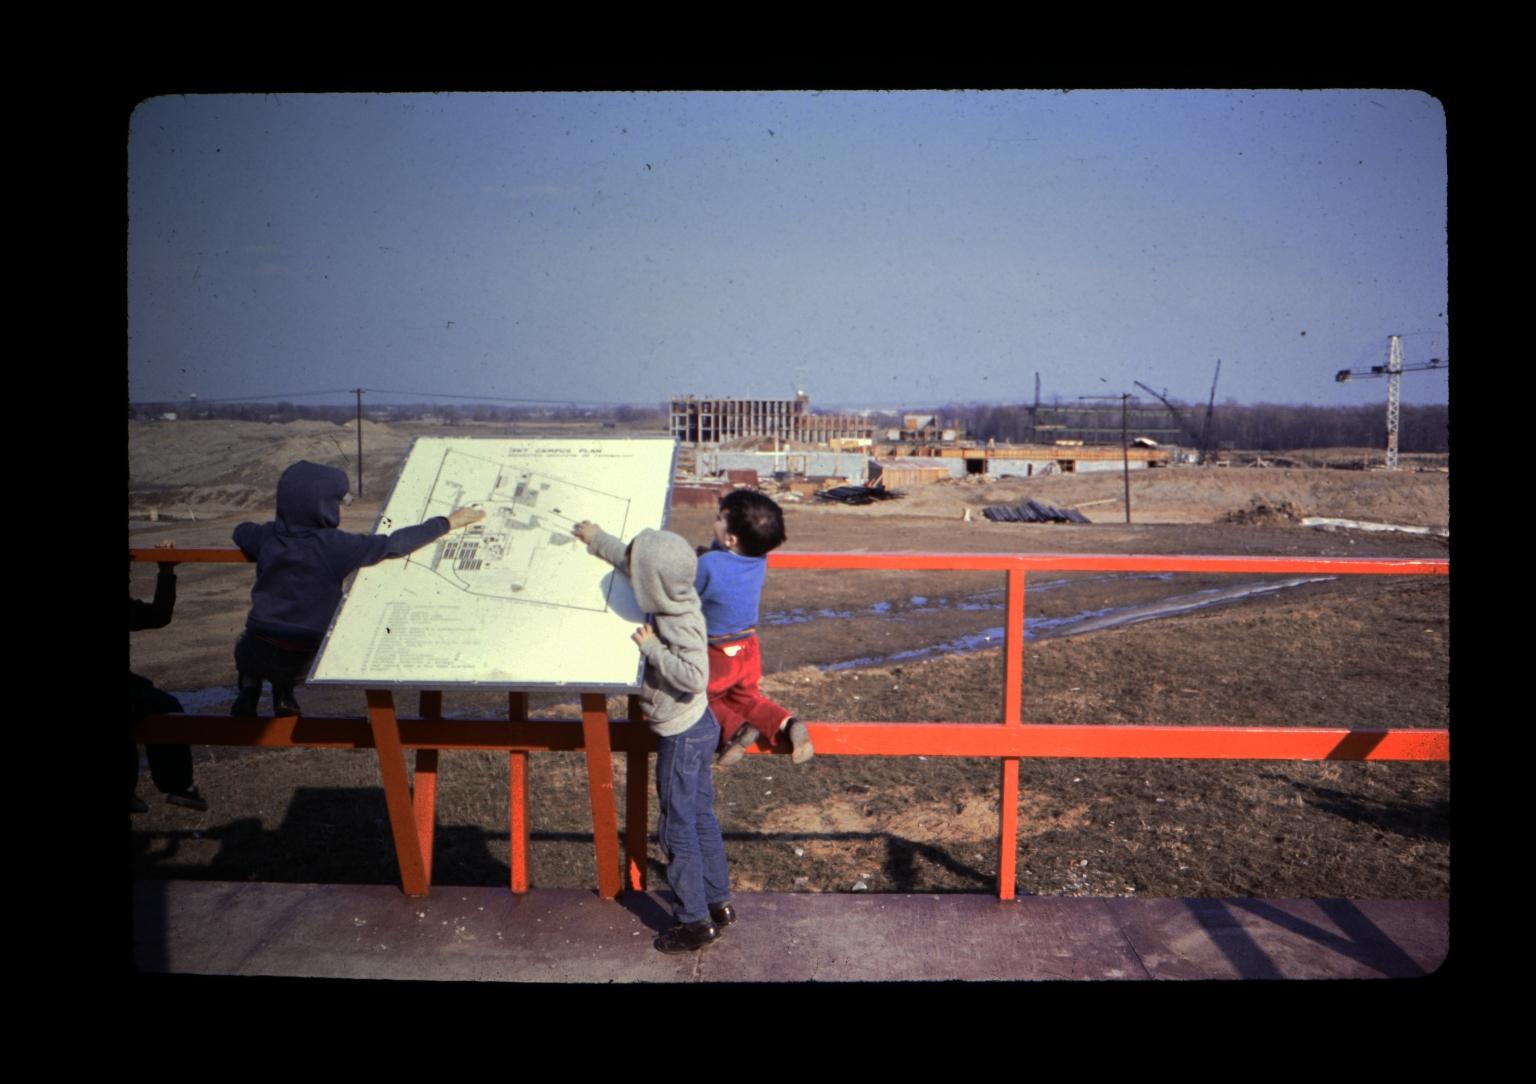 Children at observation deck